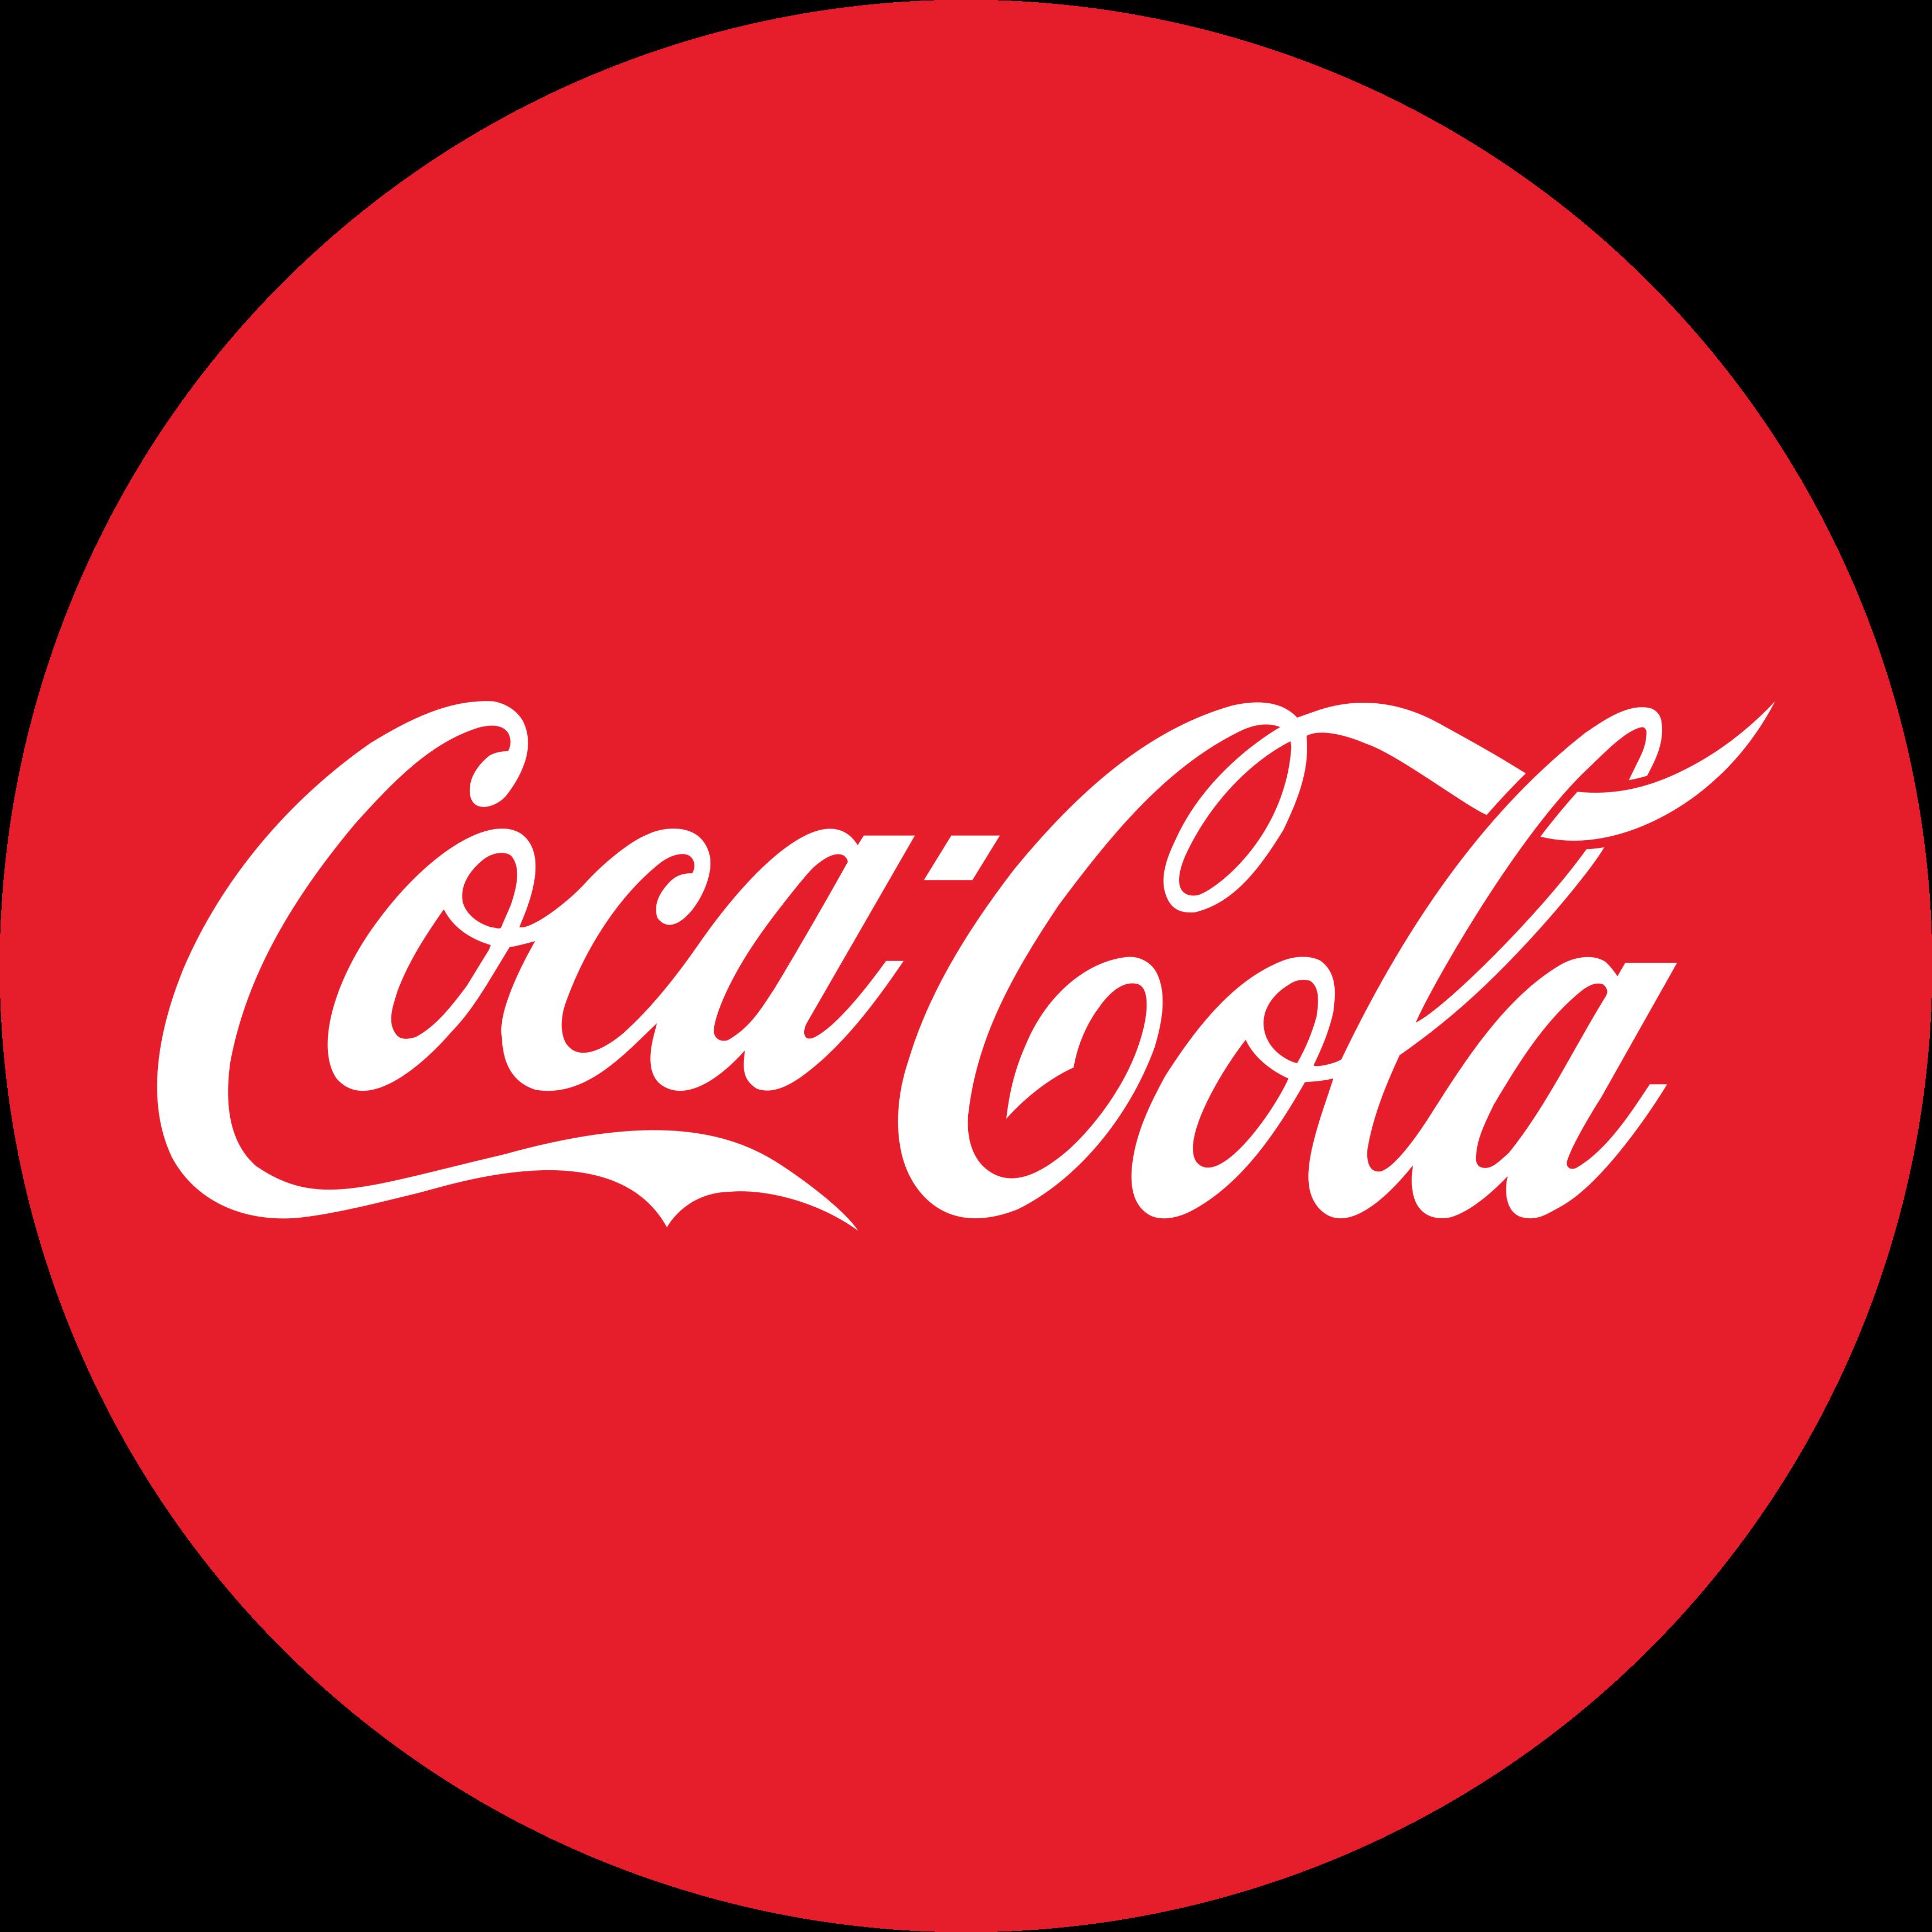 coca cola logo 1 1 - Coca-Cola Logo